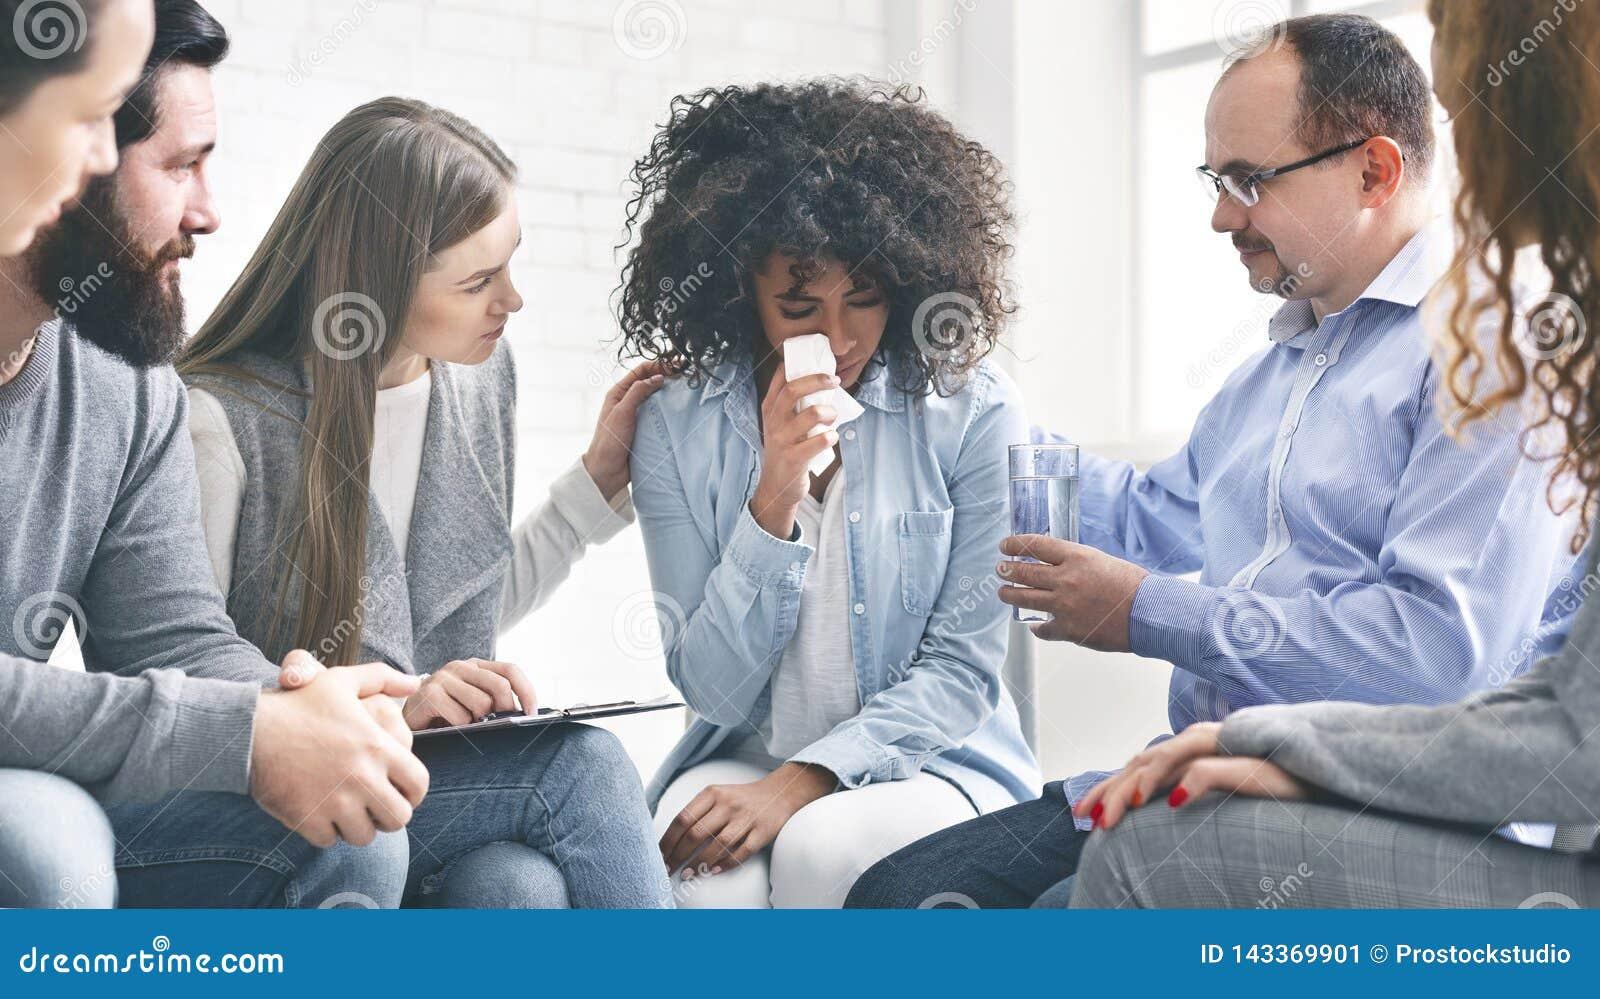 有感情问题的年轻女人哭泣在精神疗法期间的